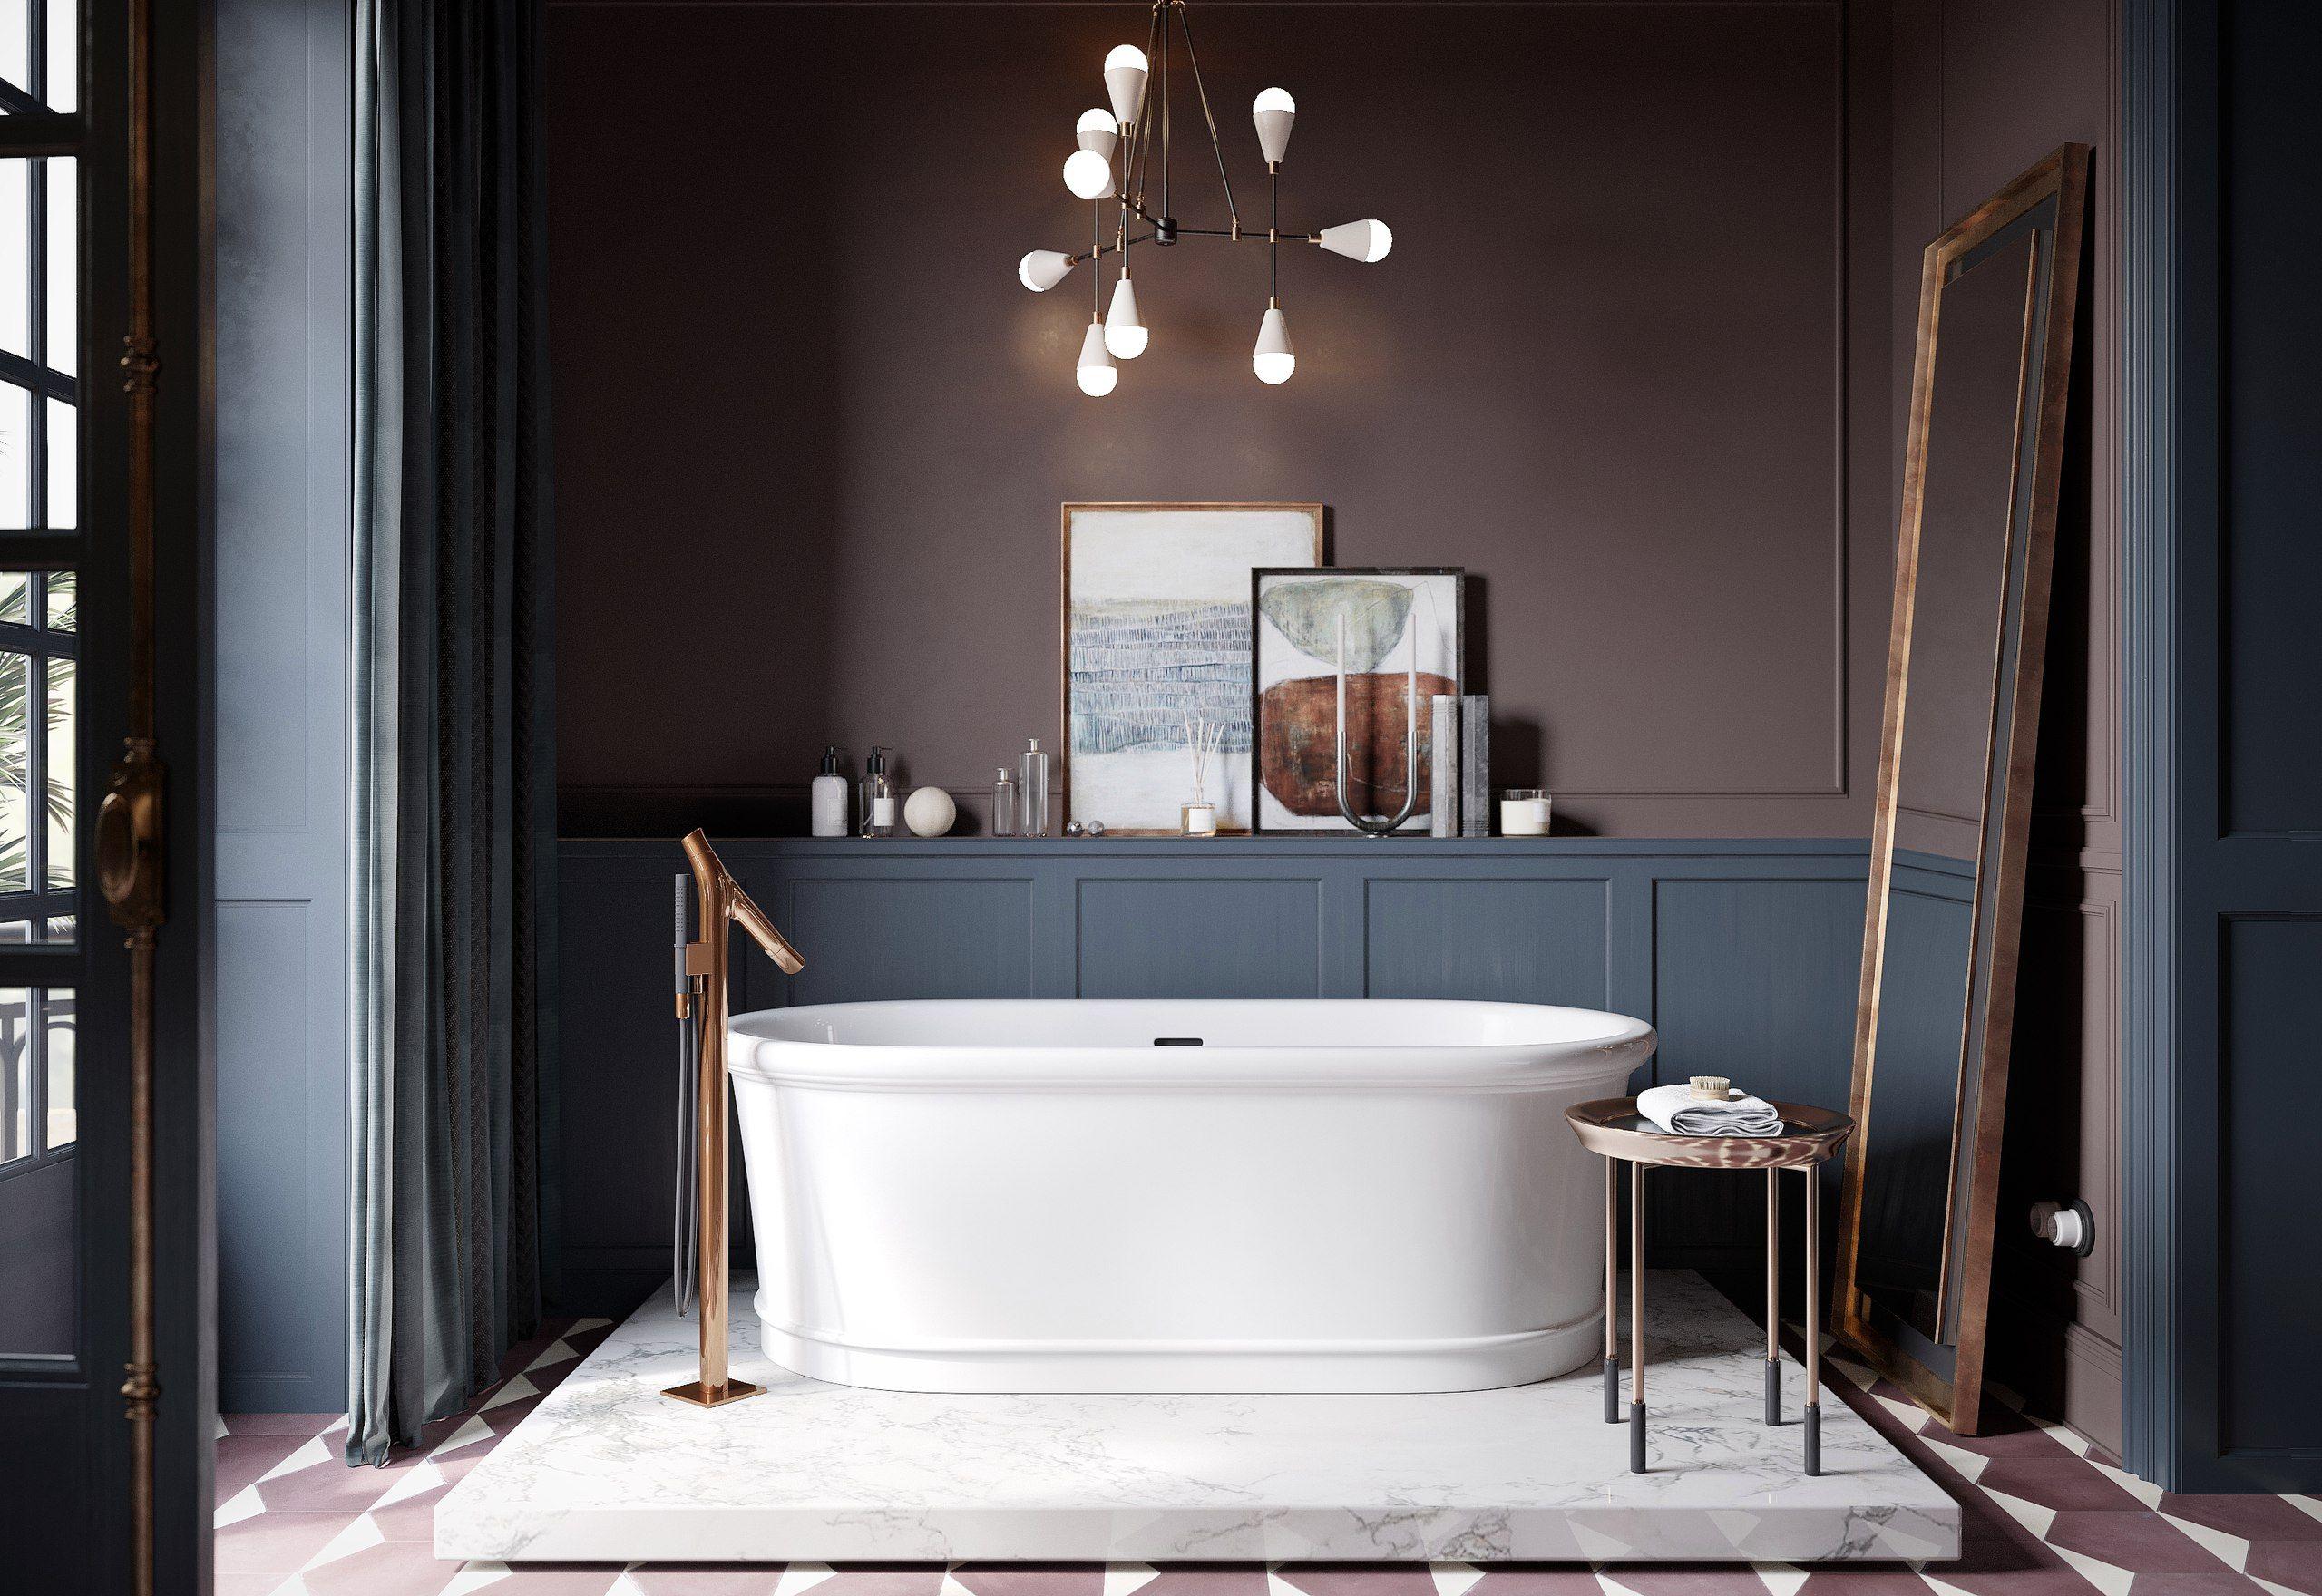 Ristrutturazione Del Bagno Idee : Pin von diana rastelli auf architettura bagno